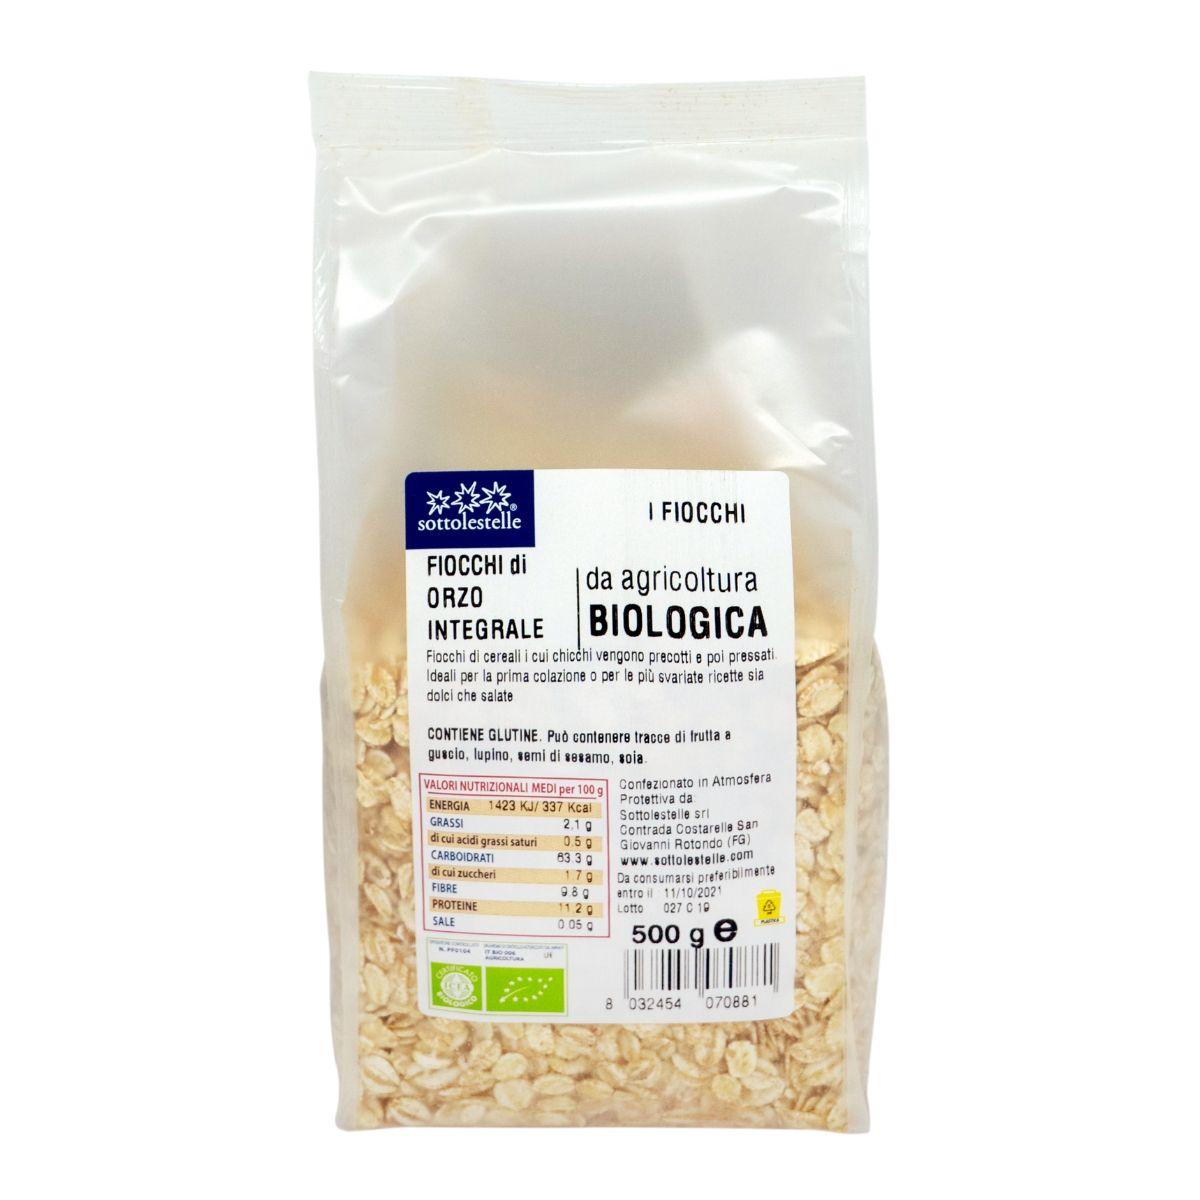 8032454070881 C Ý dĩ nguyên cám hữu cơ cán dẹp Sotto 500g - Fiocchi di Orzo